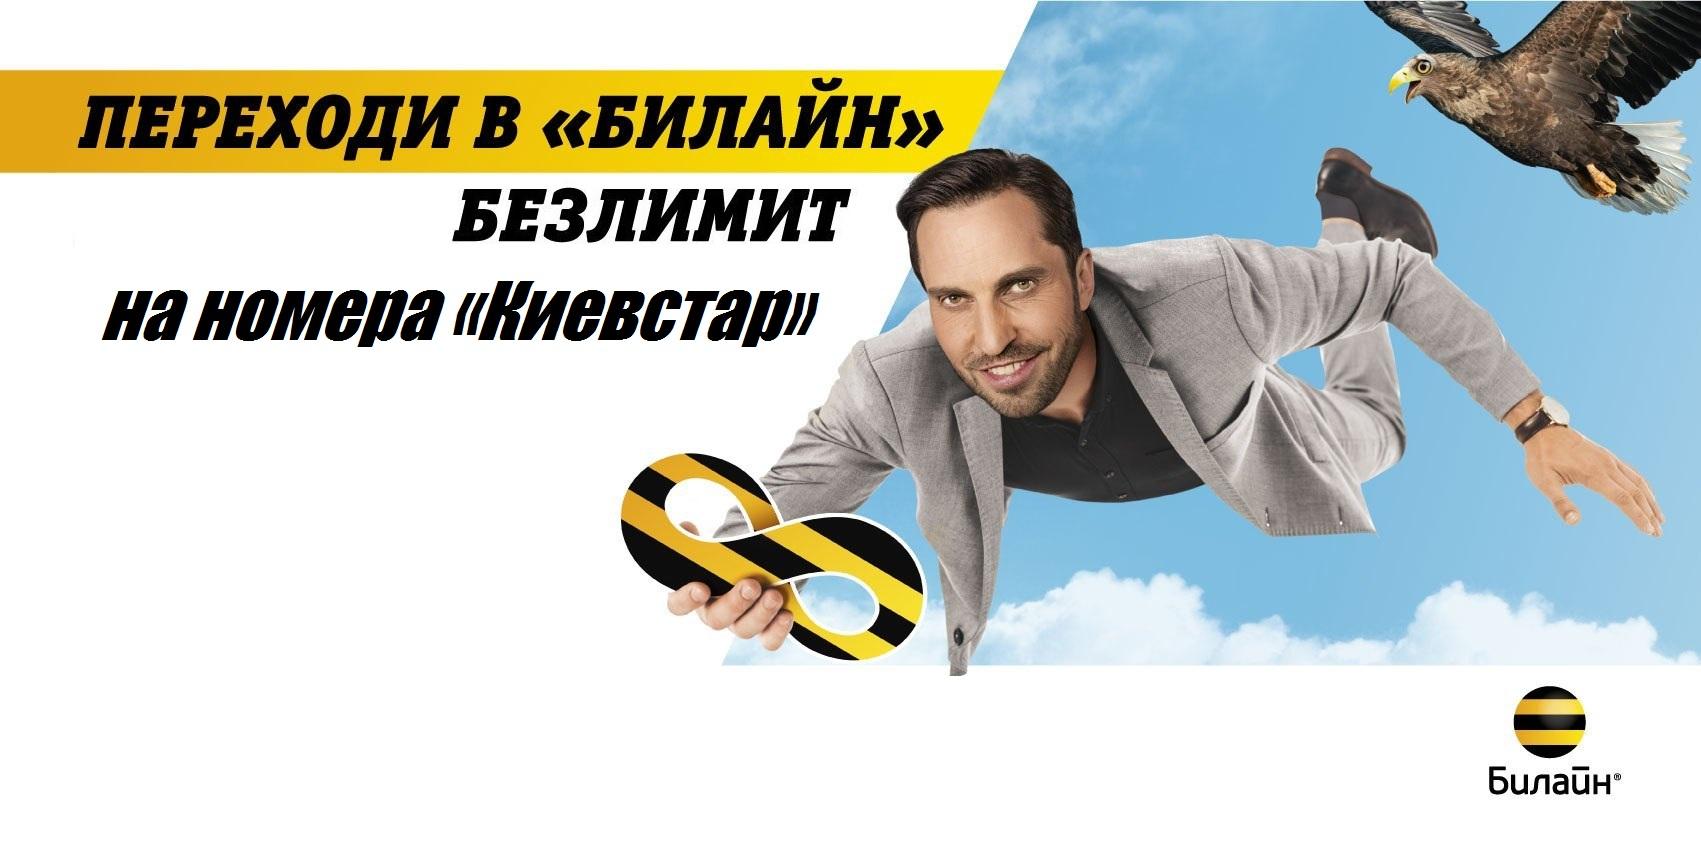 Билайн запускает безлимитные звонки в Кыргызстан на номера Билайн и на Украину на номера «Киевстар» 1